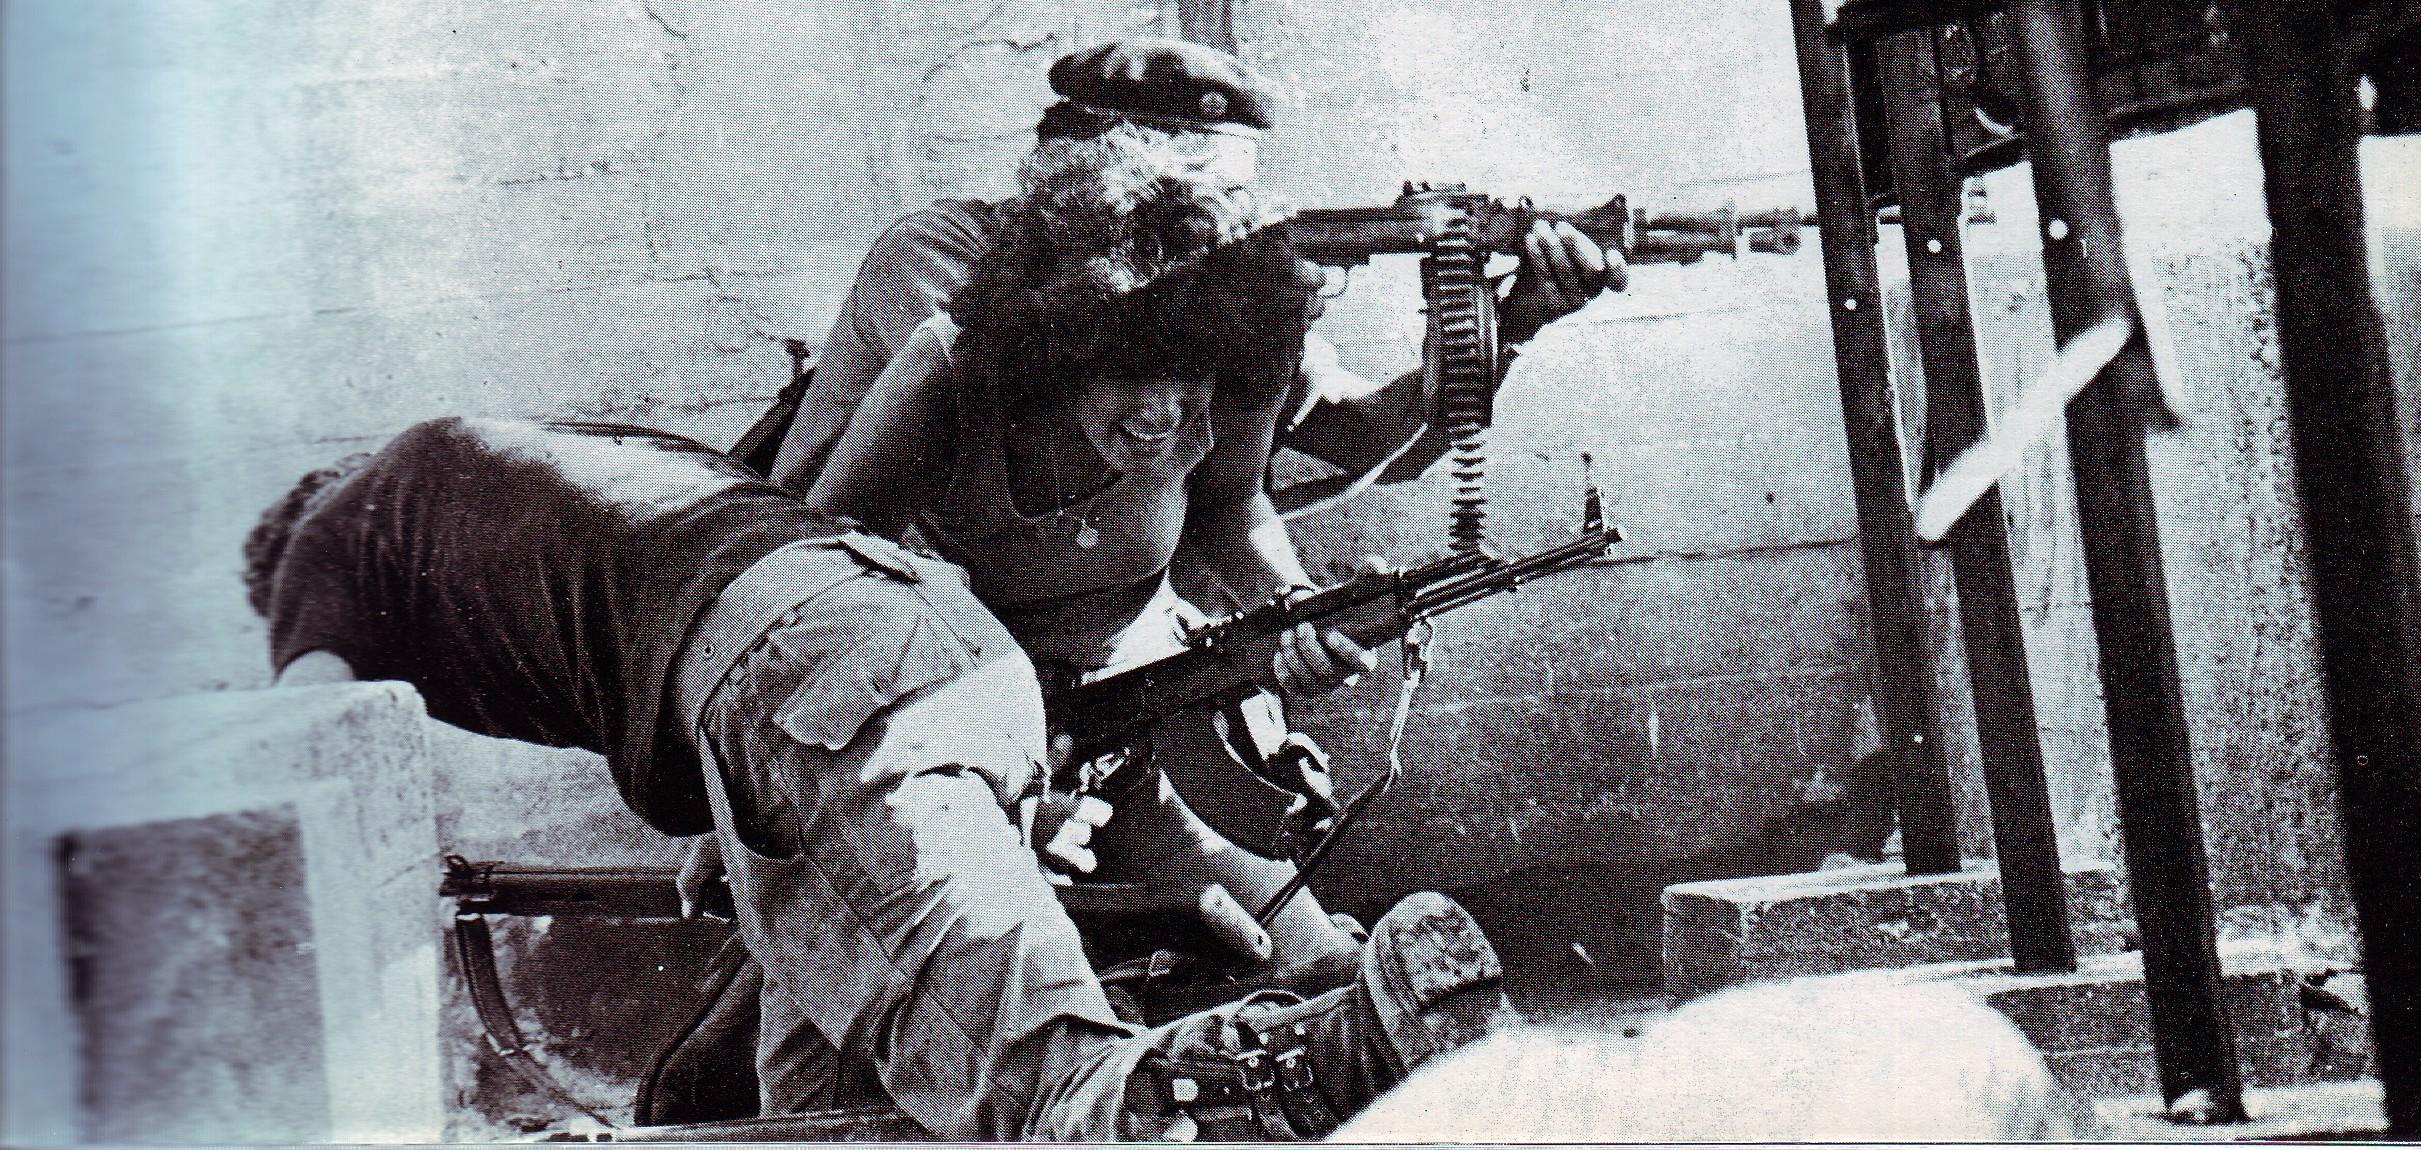 scènes de combat (armée libanaise, palestinien, chrétien...) 1975-nizamiyyet2